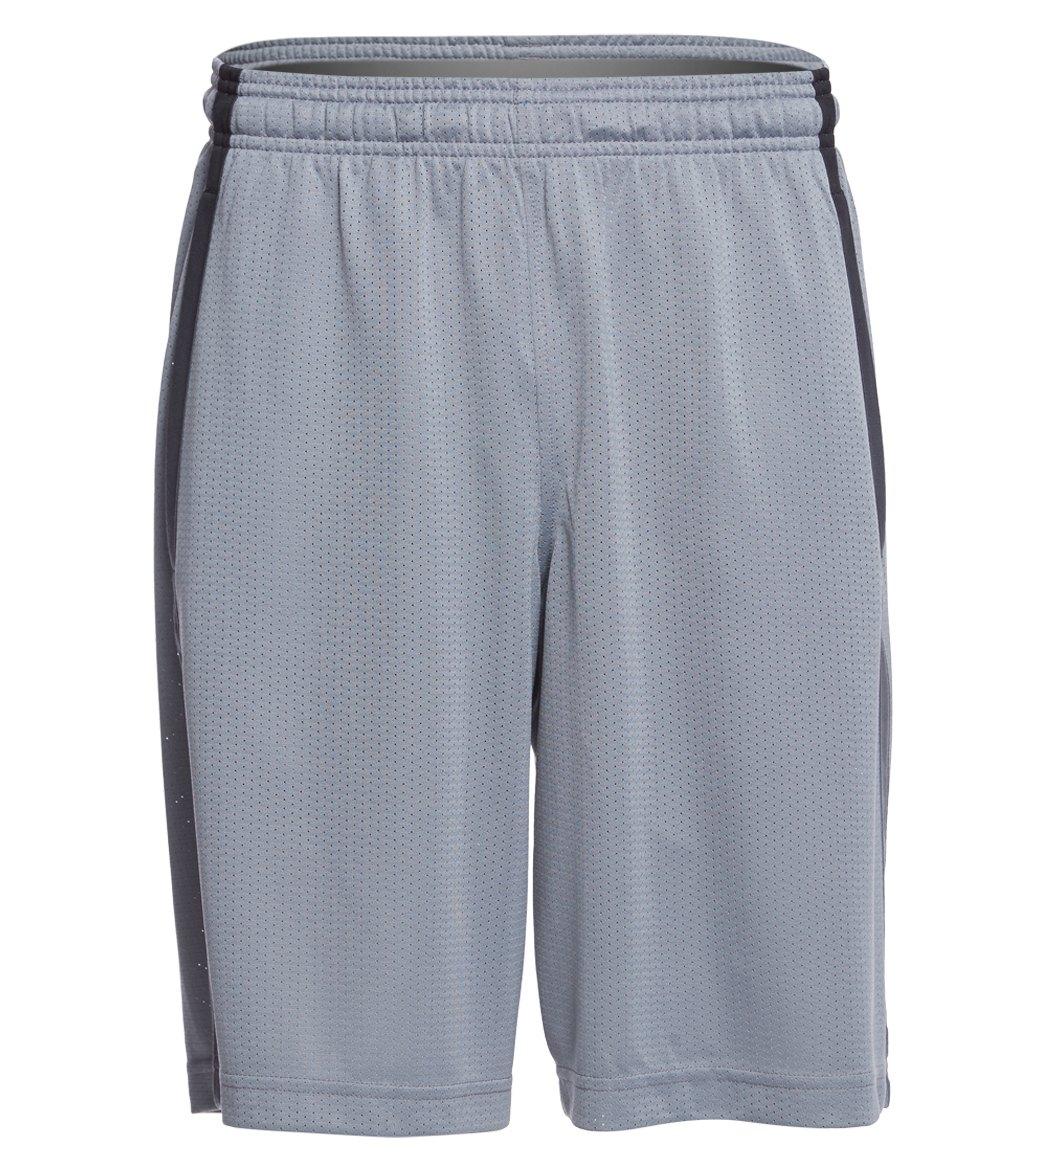 0ab7fccd72ea Under Armour Men s UA Tech Mesh Shorts at SwimOutlet.com